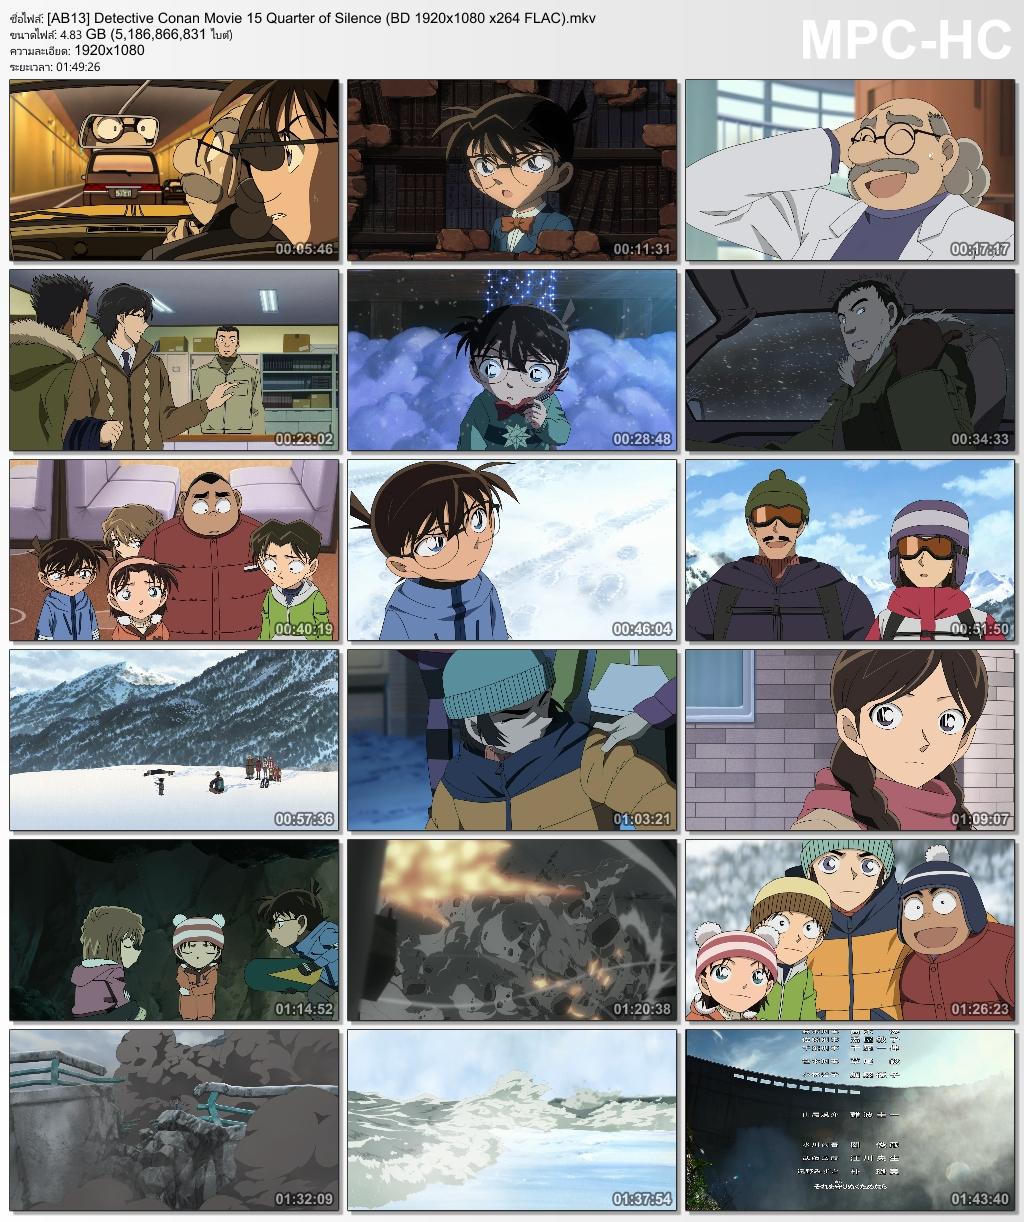 detective conan episode 652 eng sub animecrazy